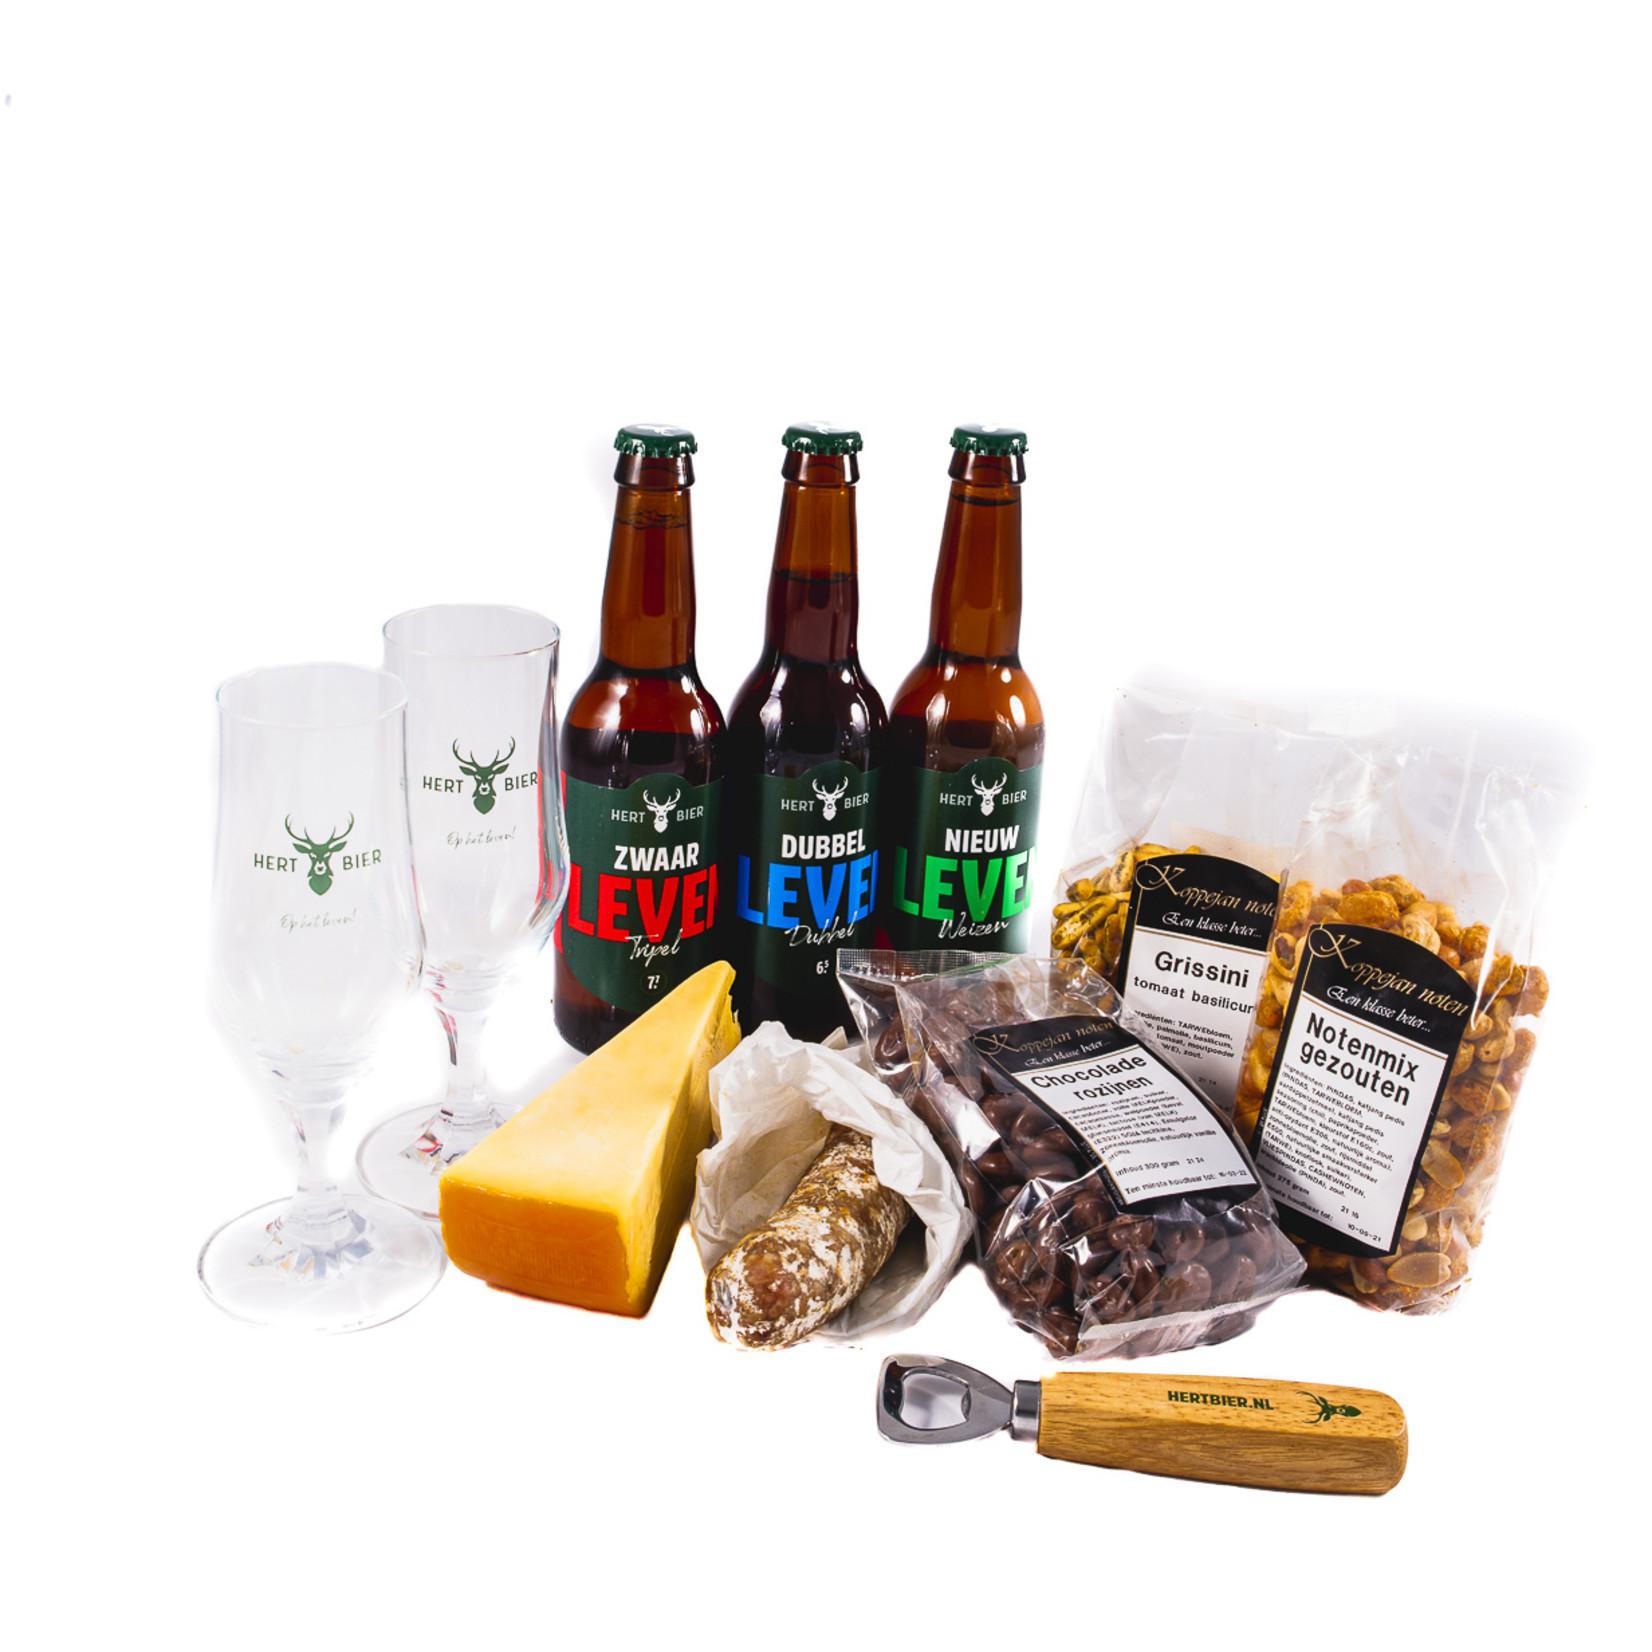 Hert Bier Beers and bites de luxe